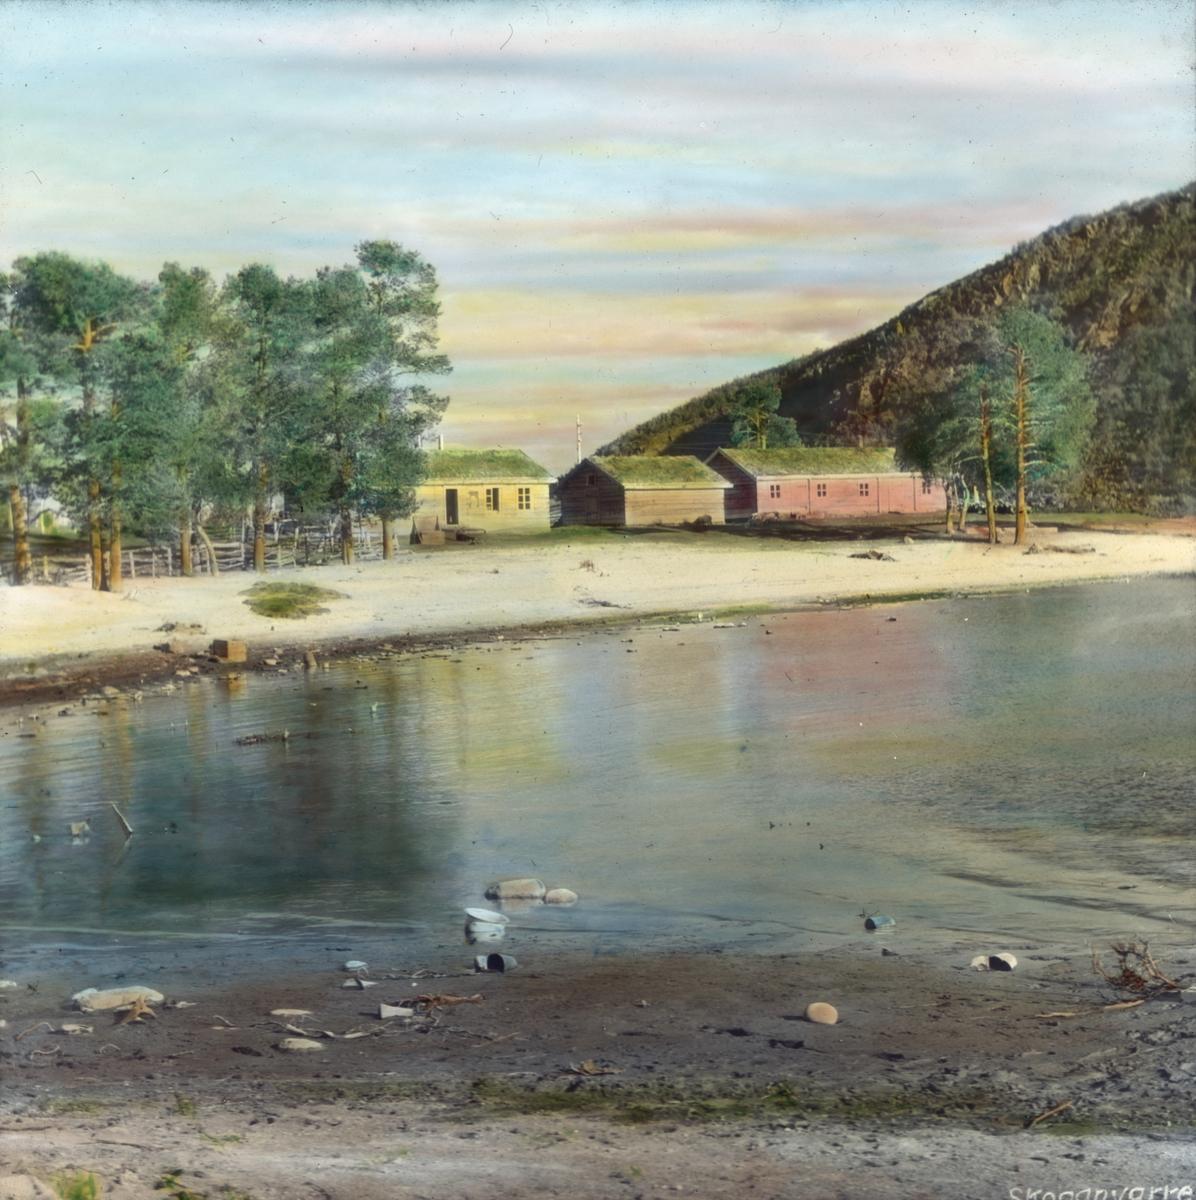 Håndkolorert dias. Tre trehus med torvtak ligger ved en strand i Skoganvarre, Porsanger.